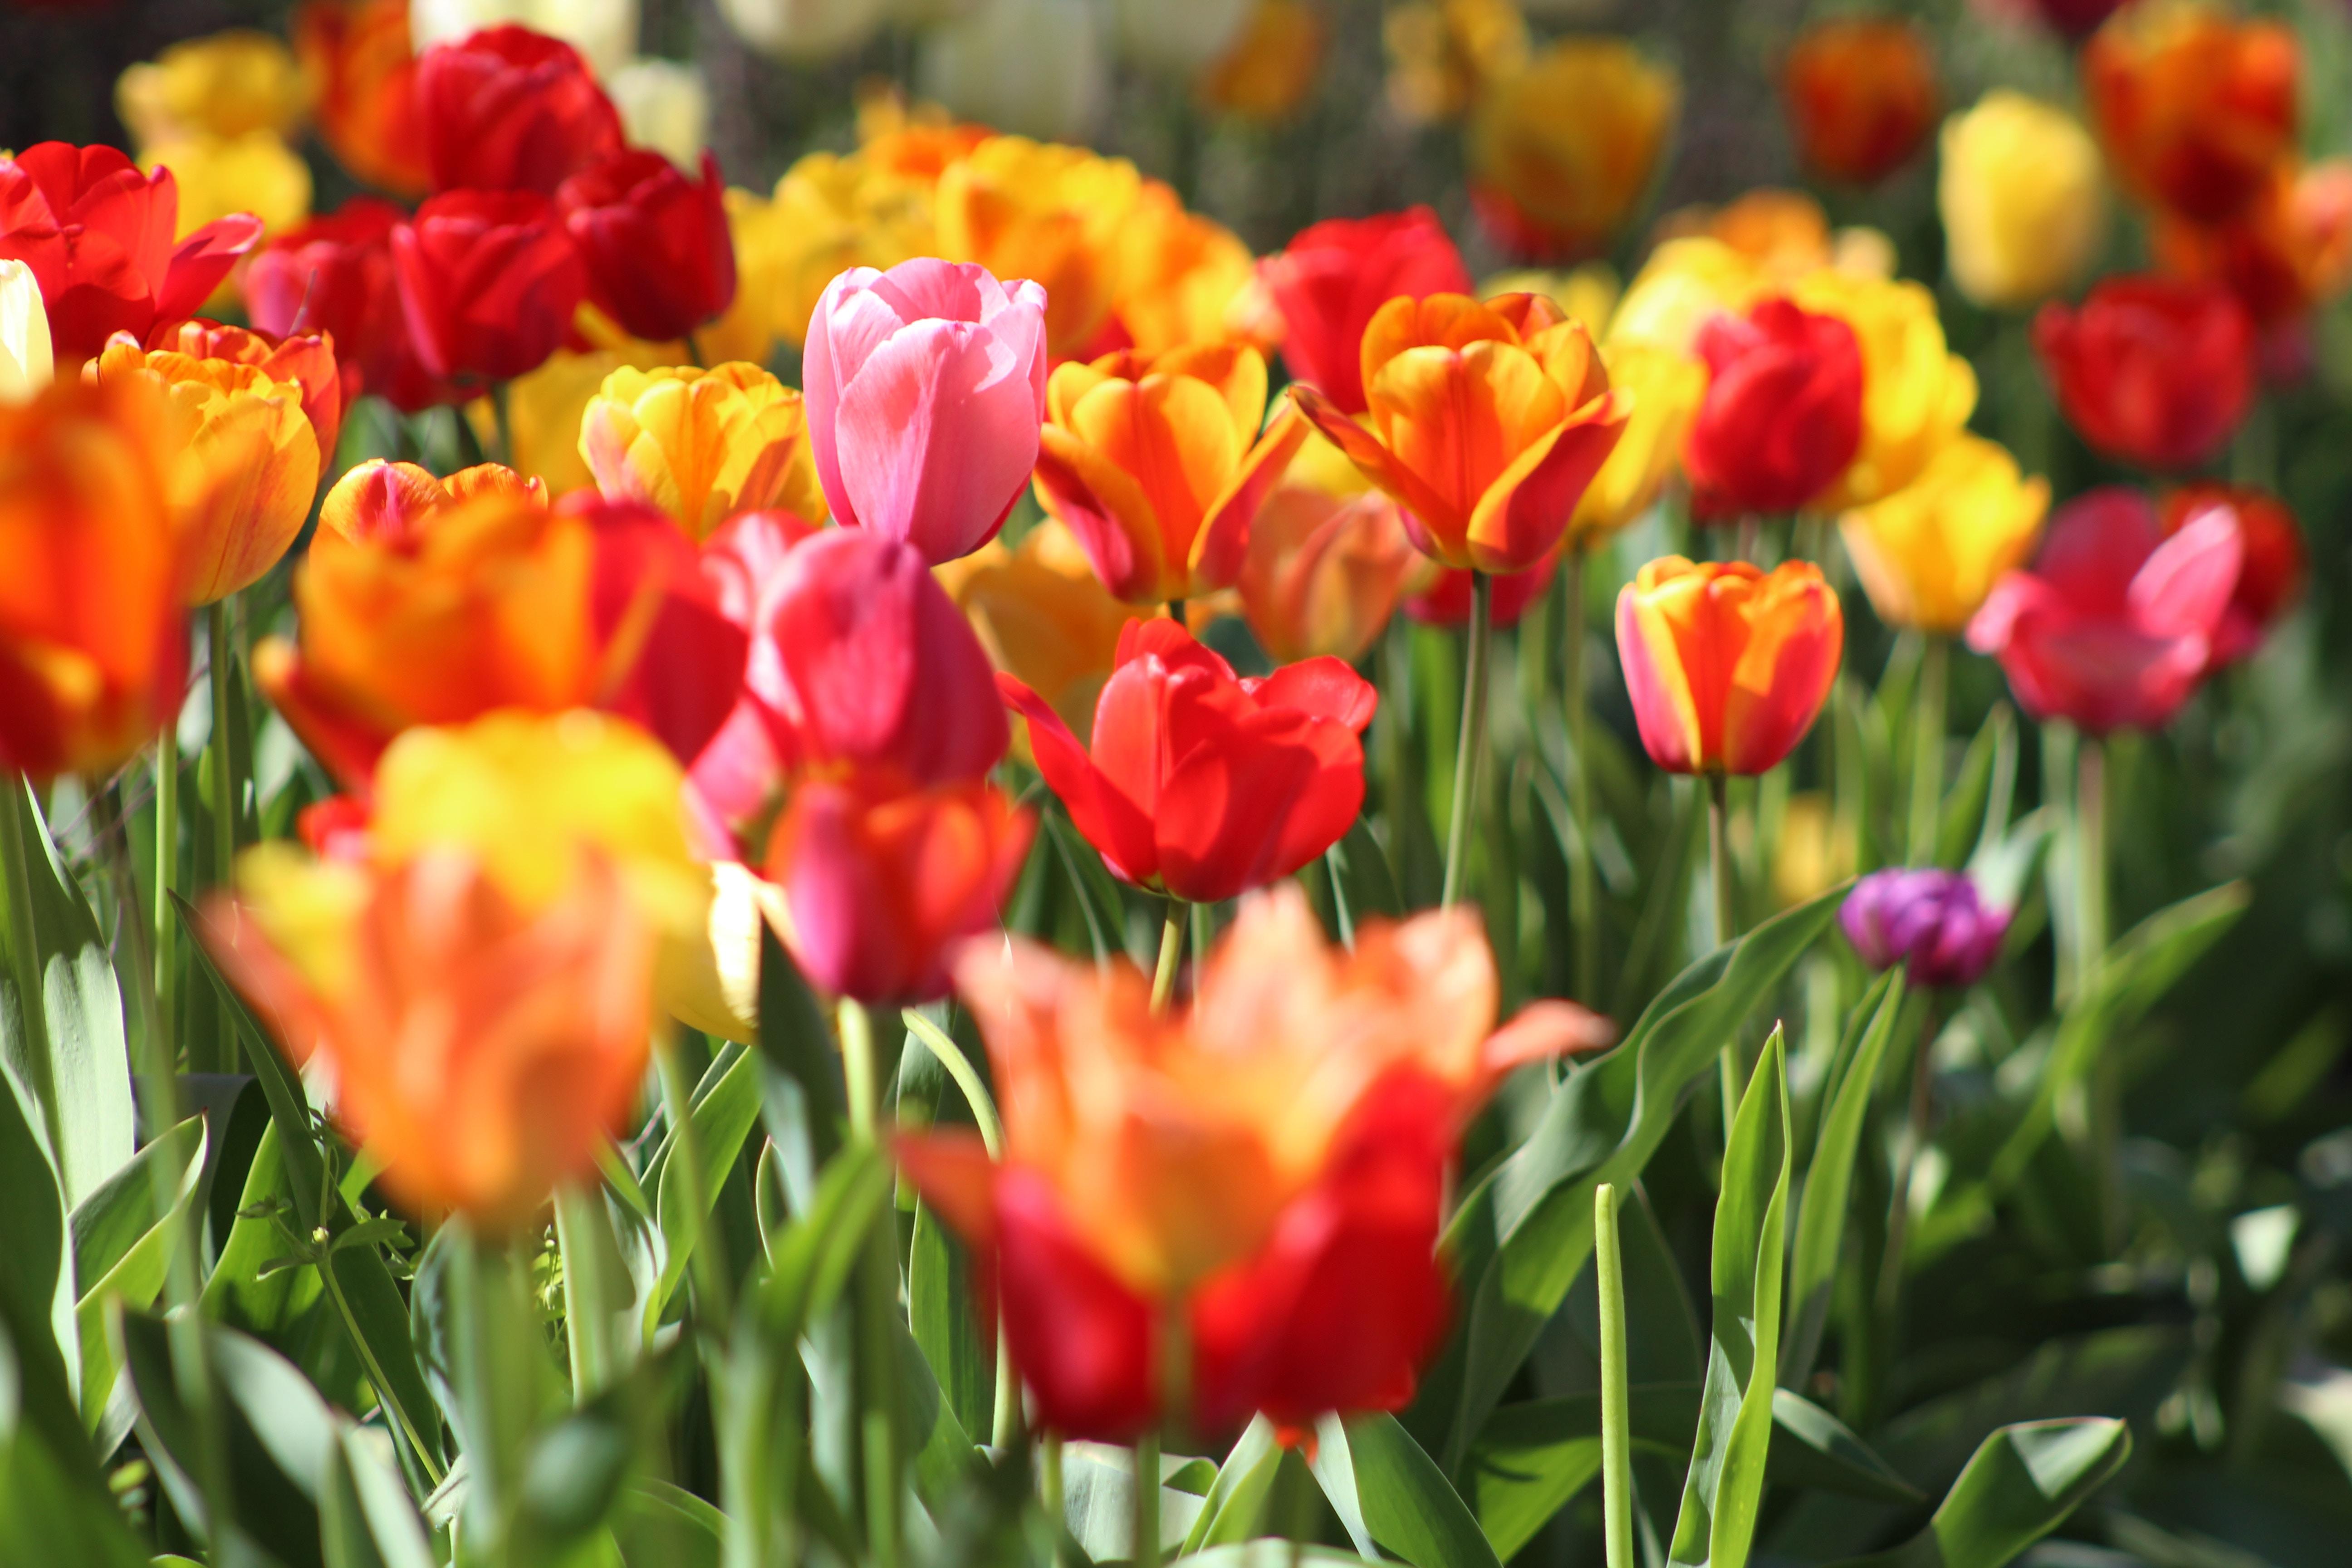 Spring Break April 6th – 13th